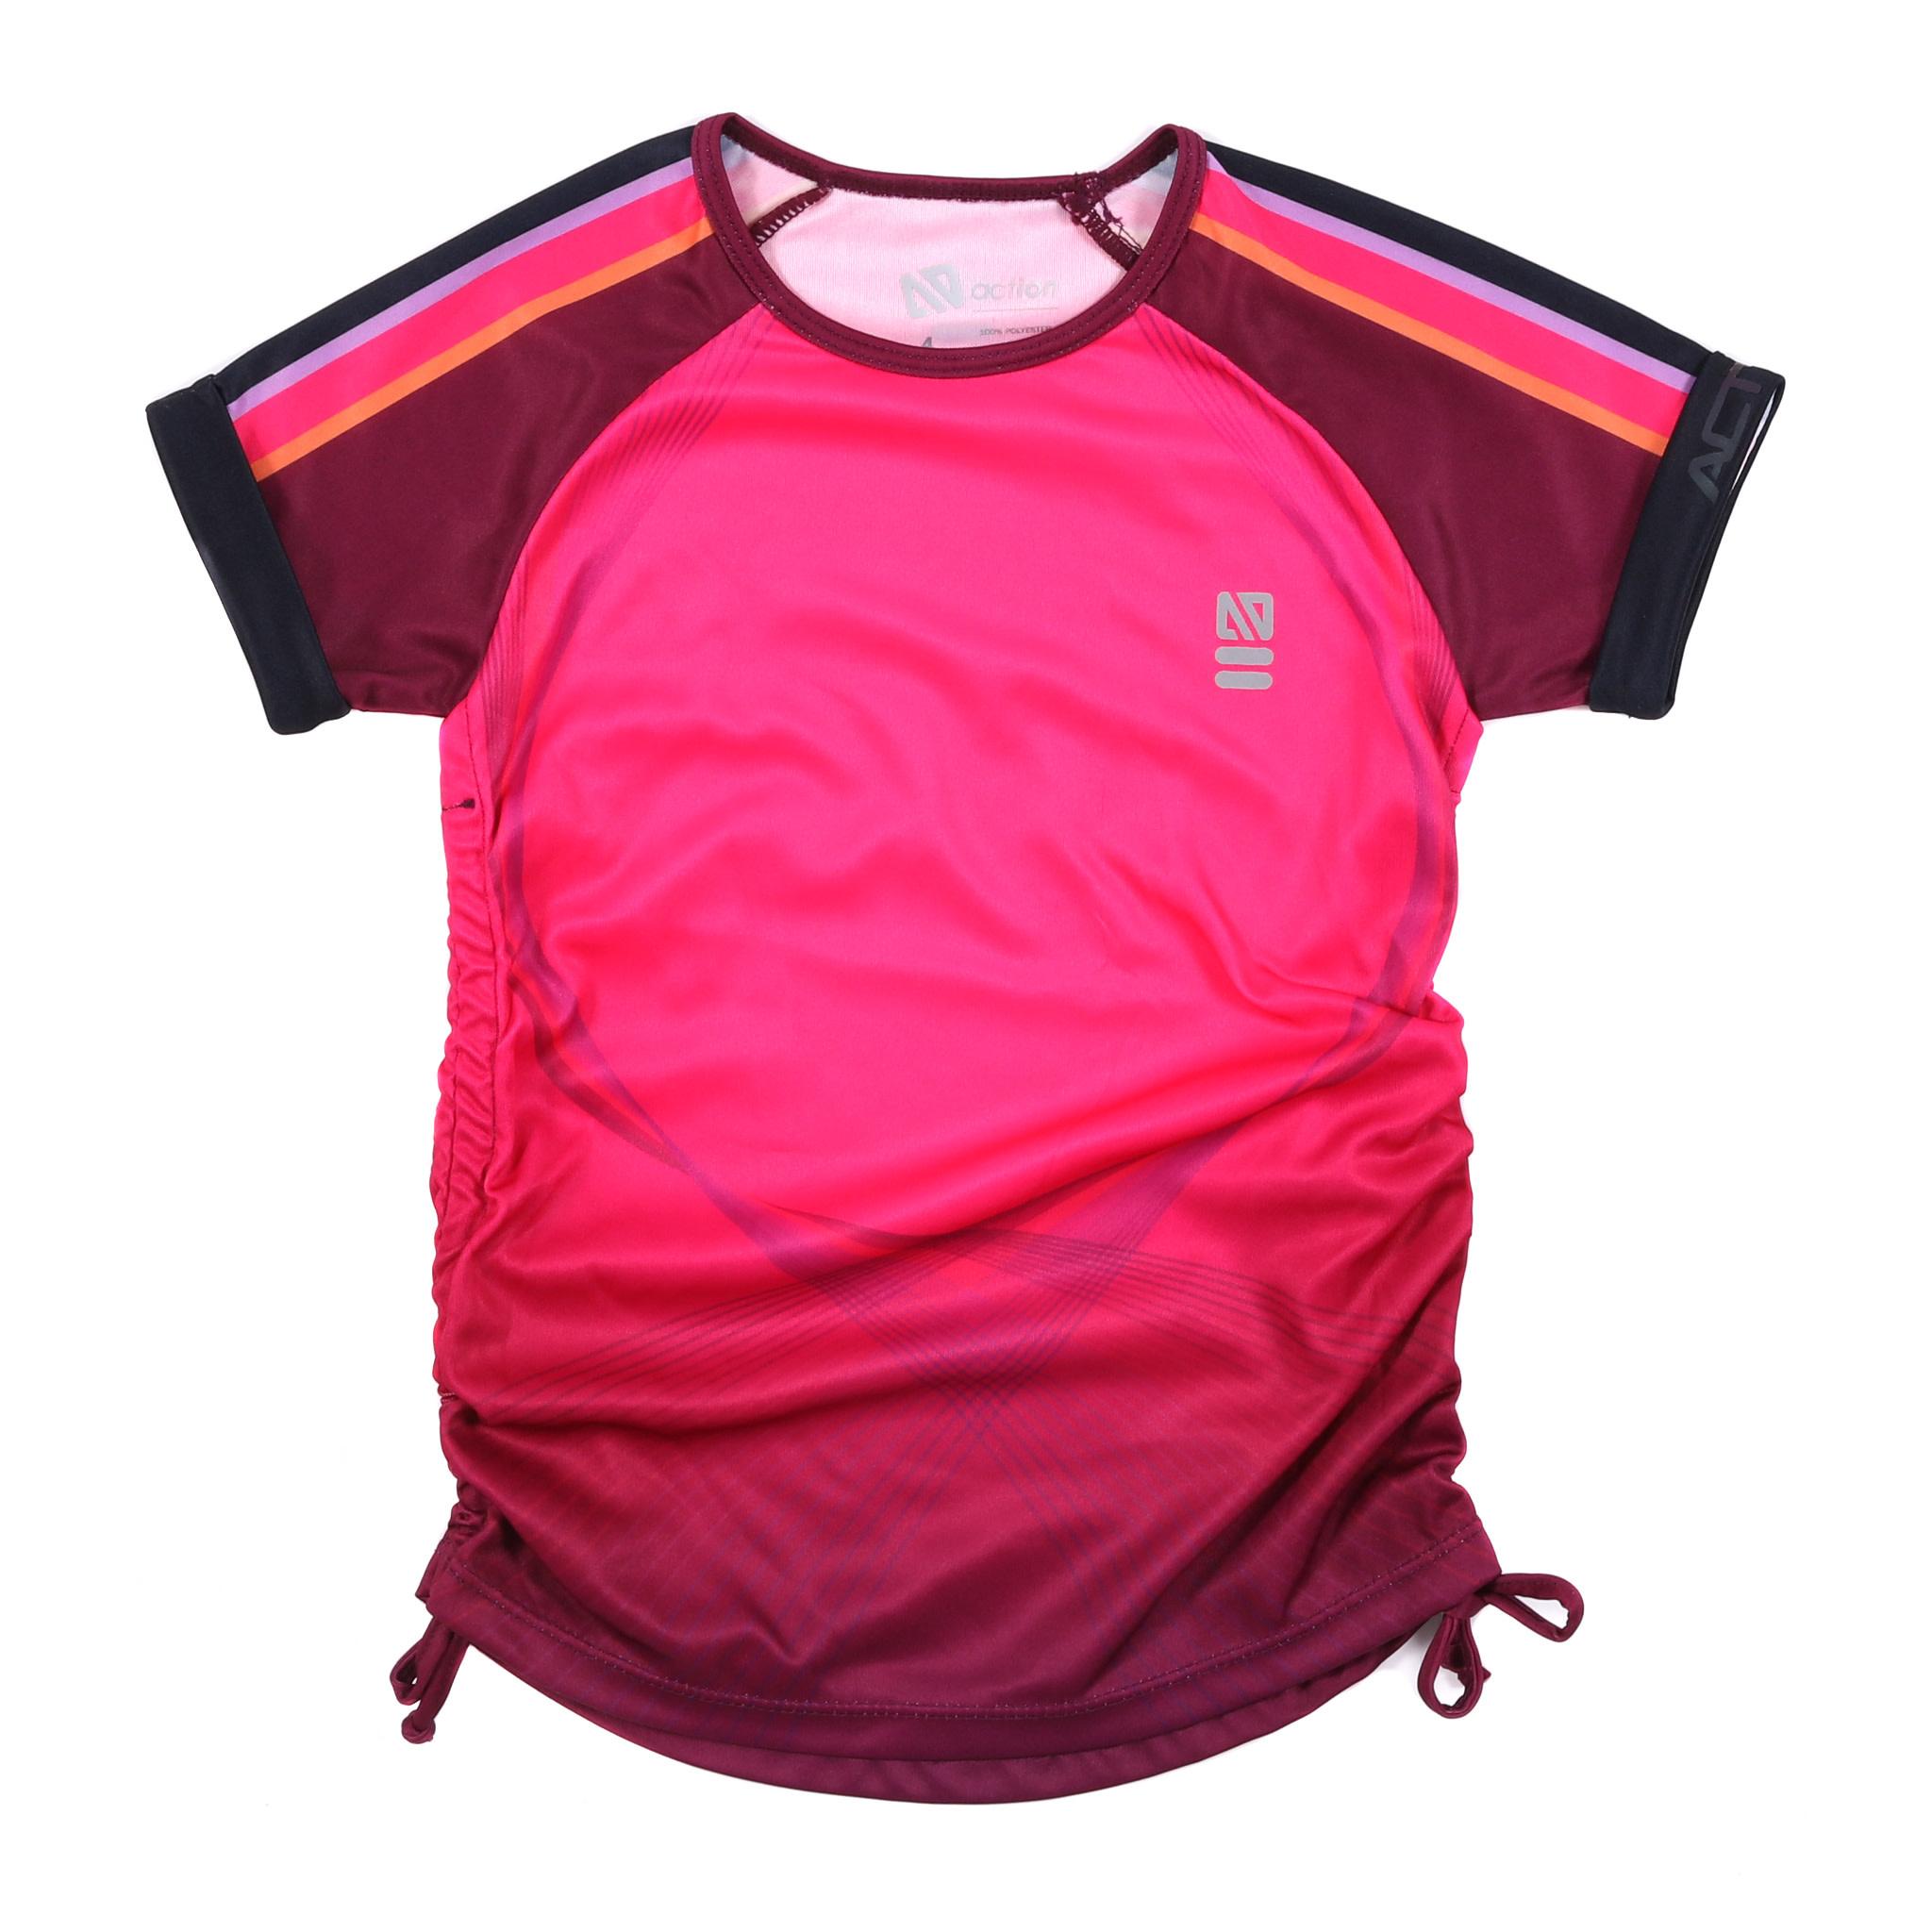 T-shirt athlétique - Sport et Chic-6